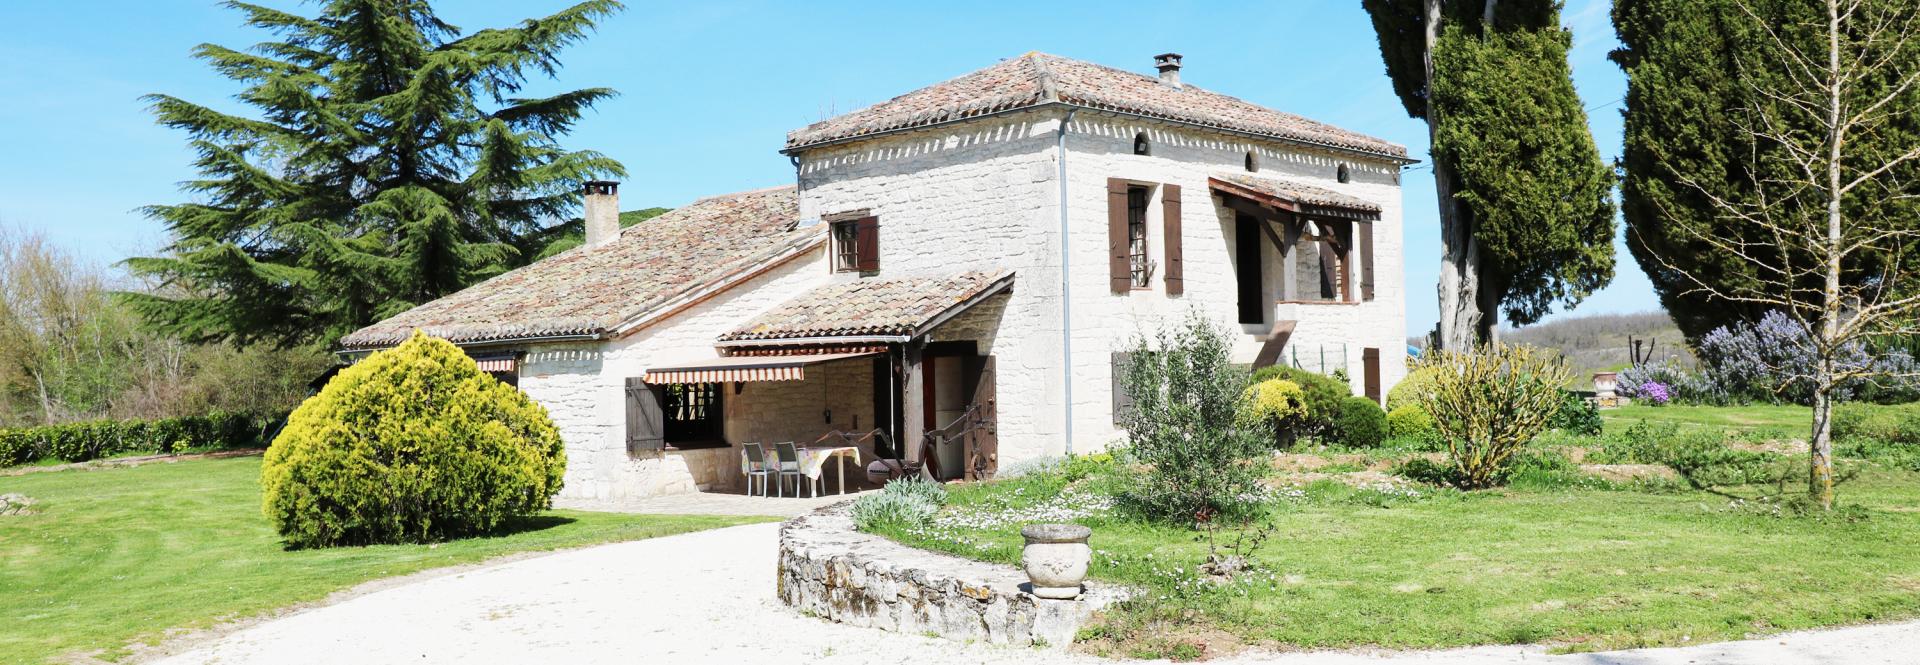 Bienvenue à la Quercynoise